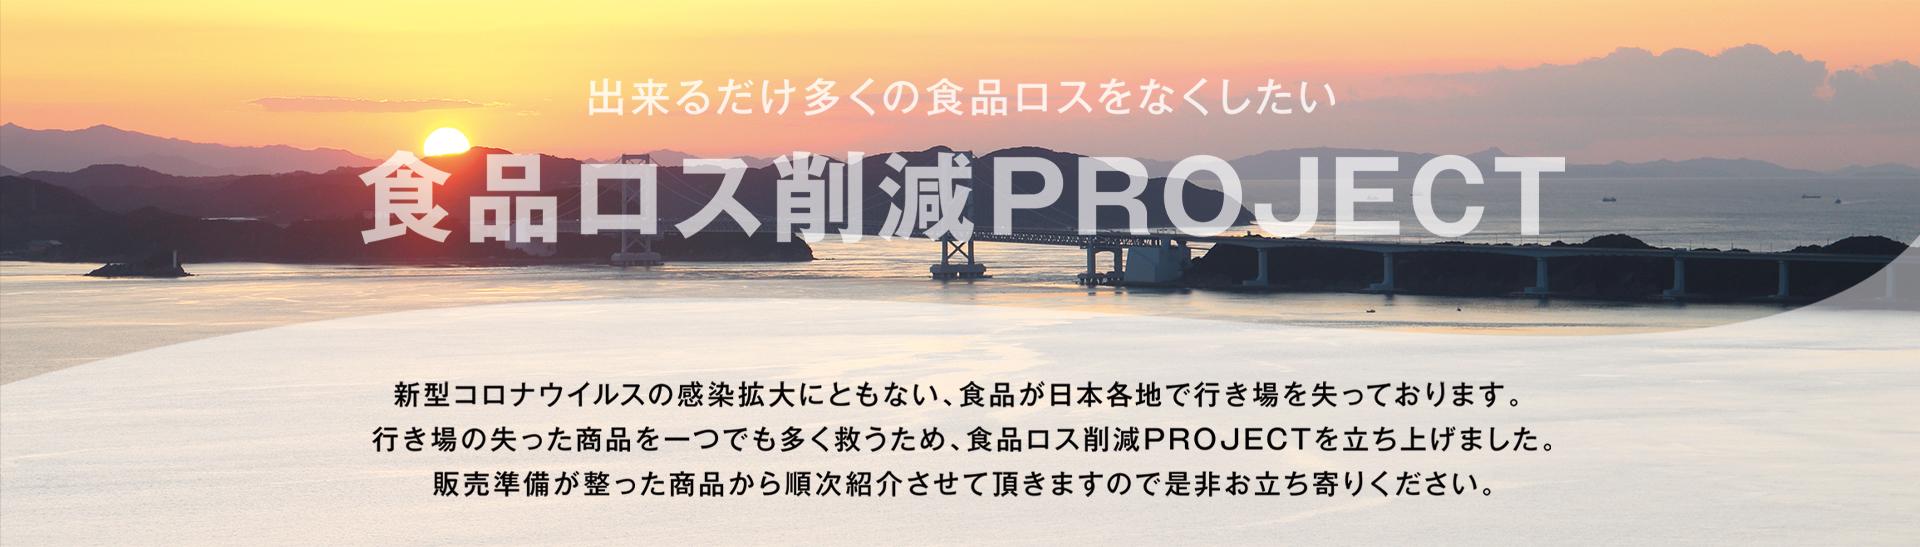 食品ロス削減PROJECT